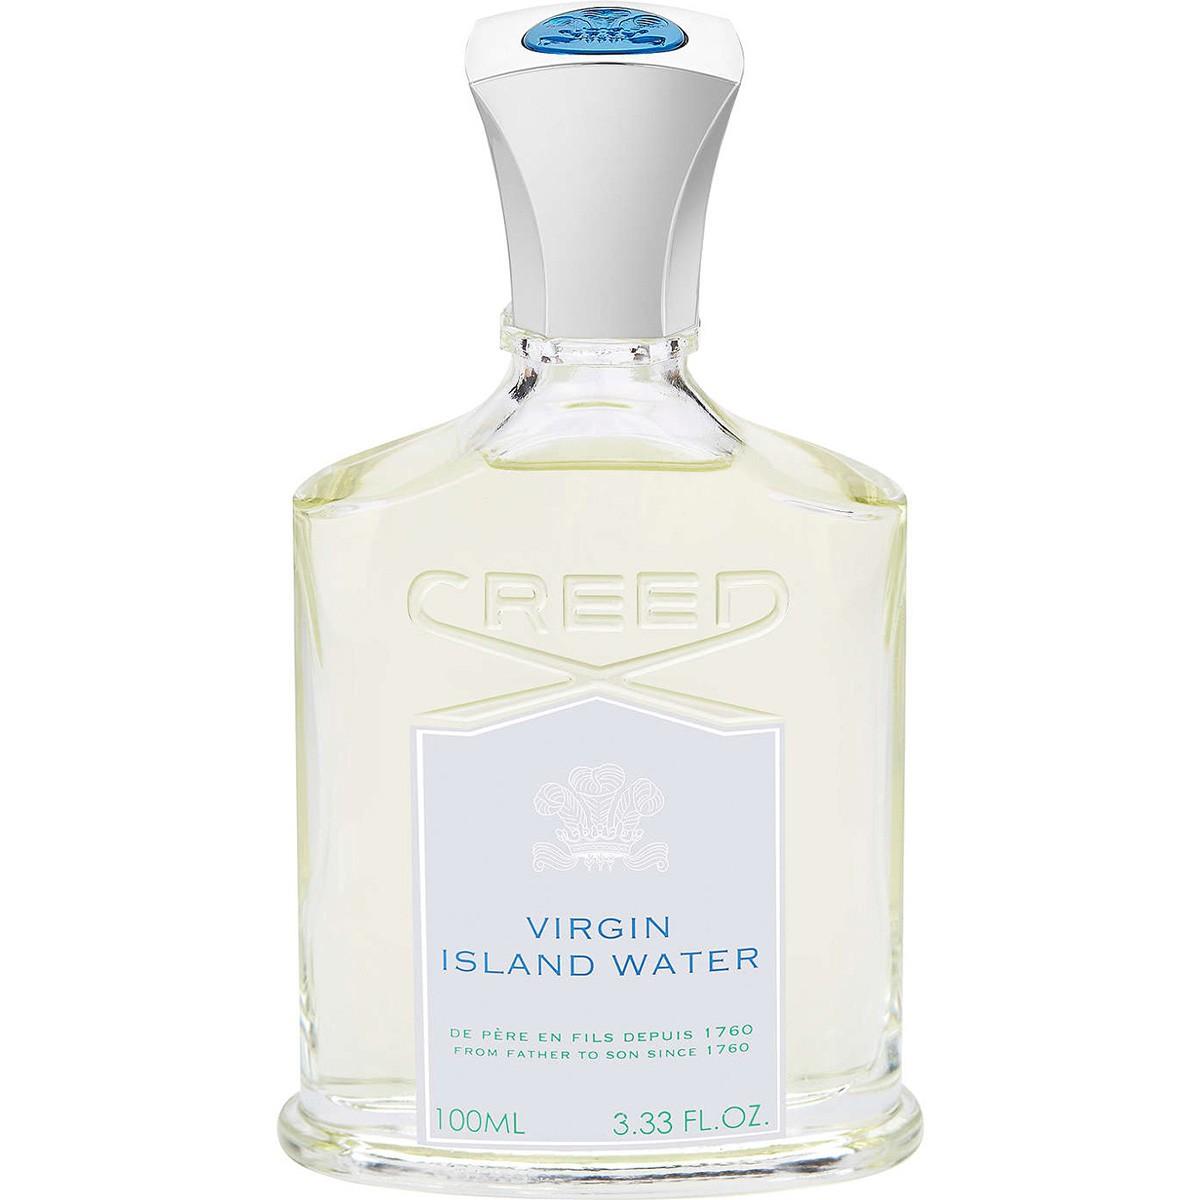 בושם קריד וירג'ין איילנד ווטר CREED Virgin Island Water